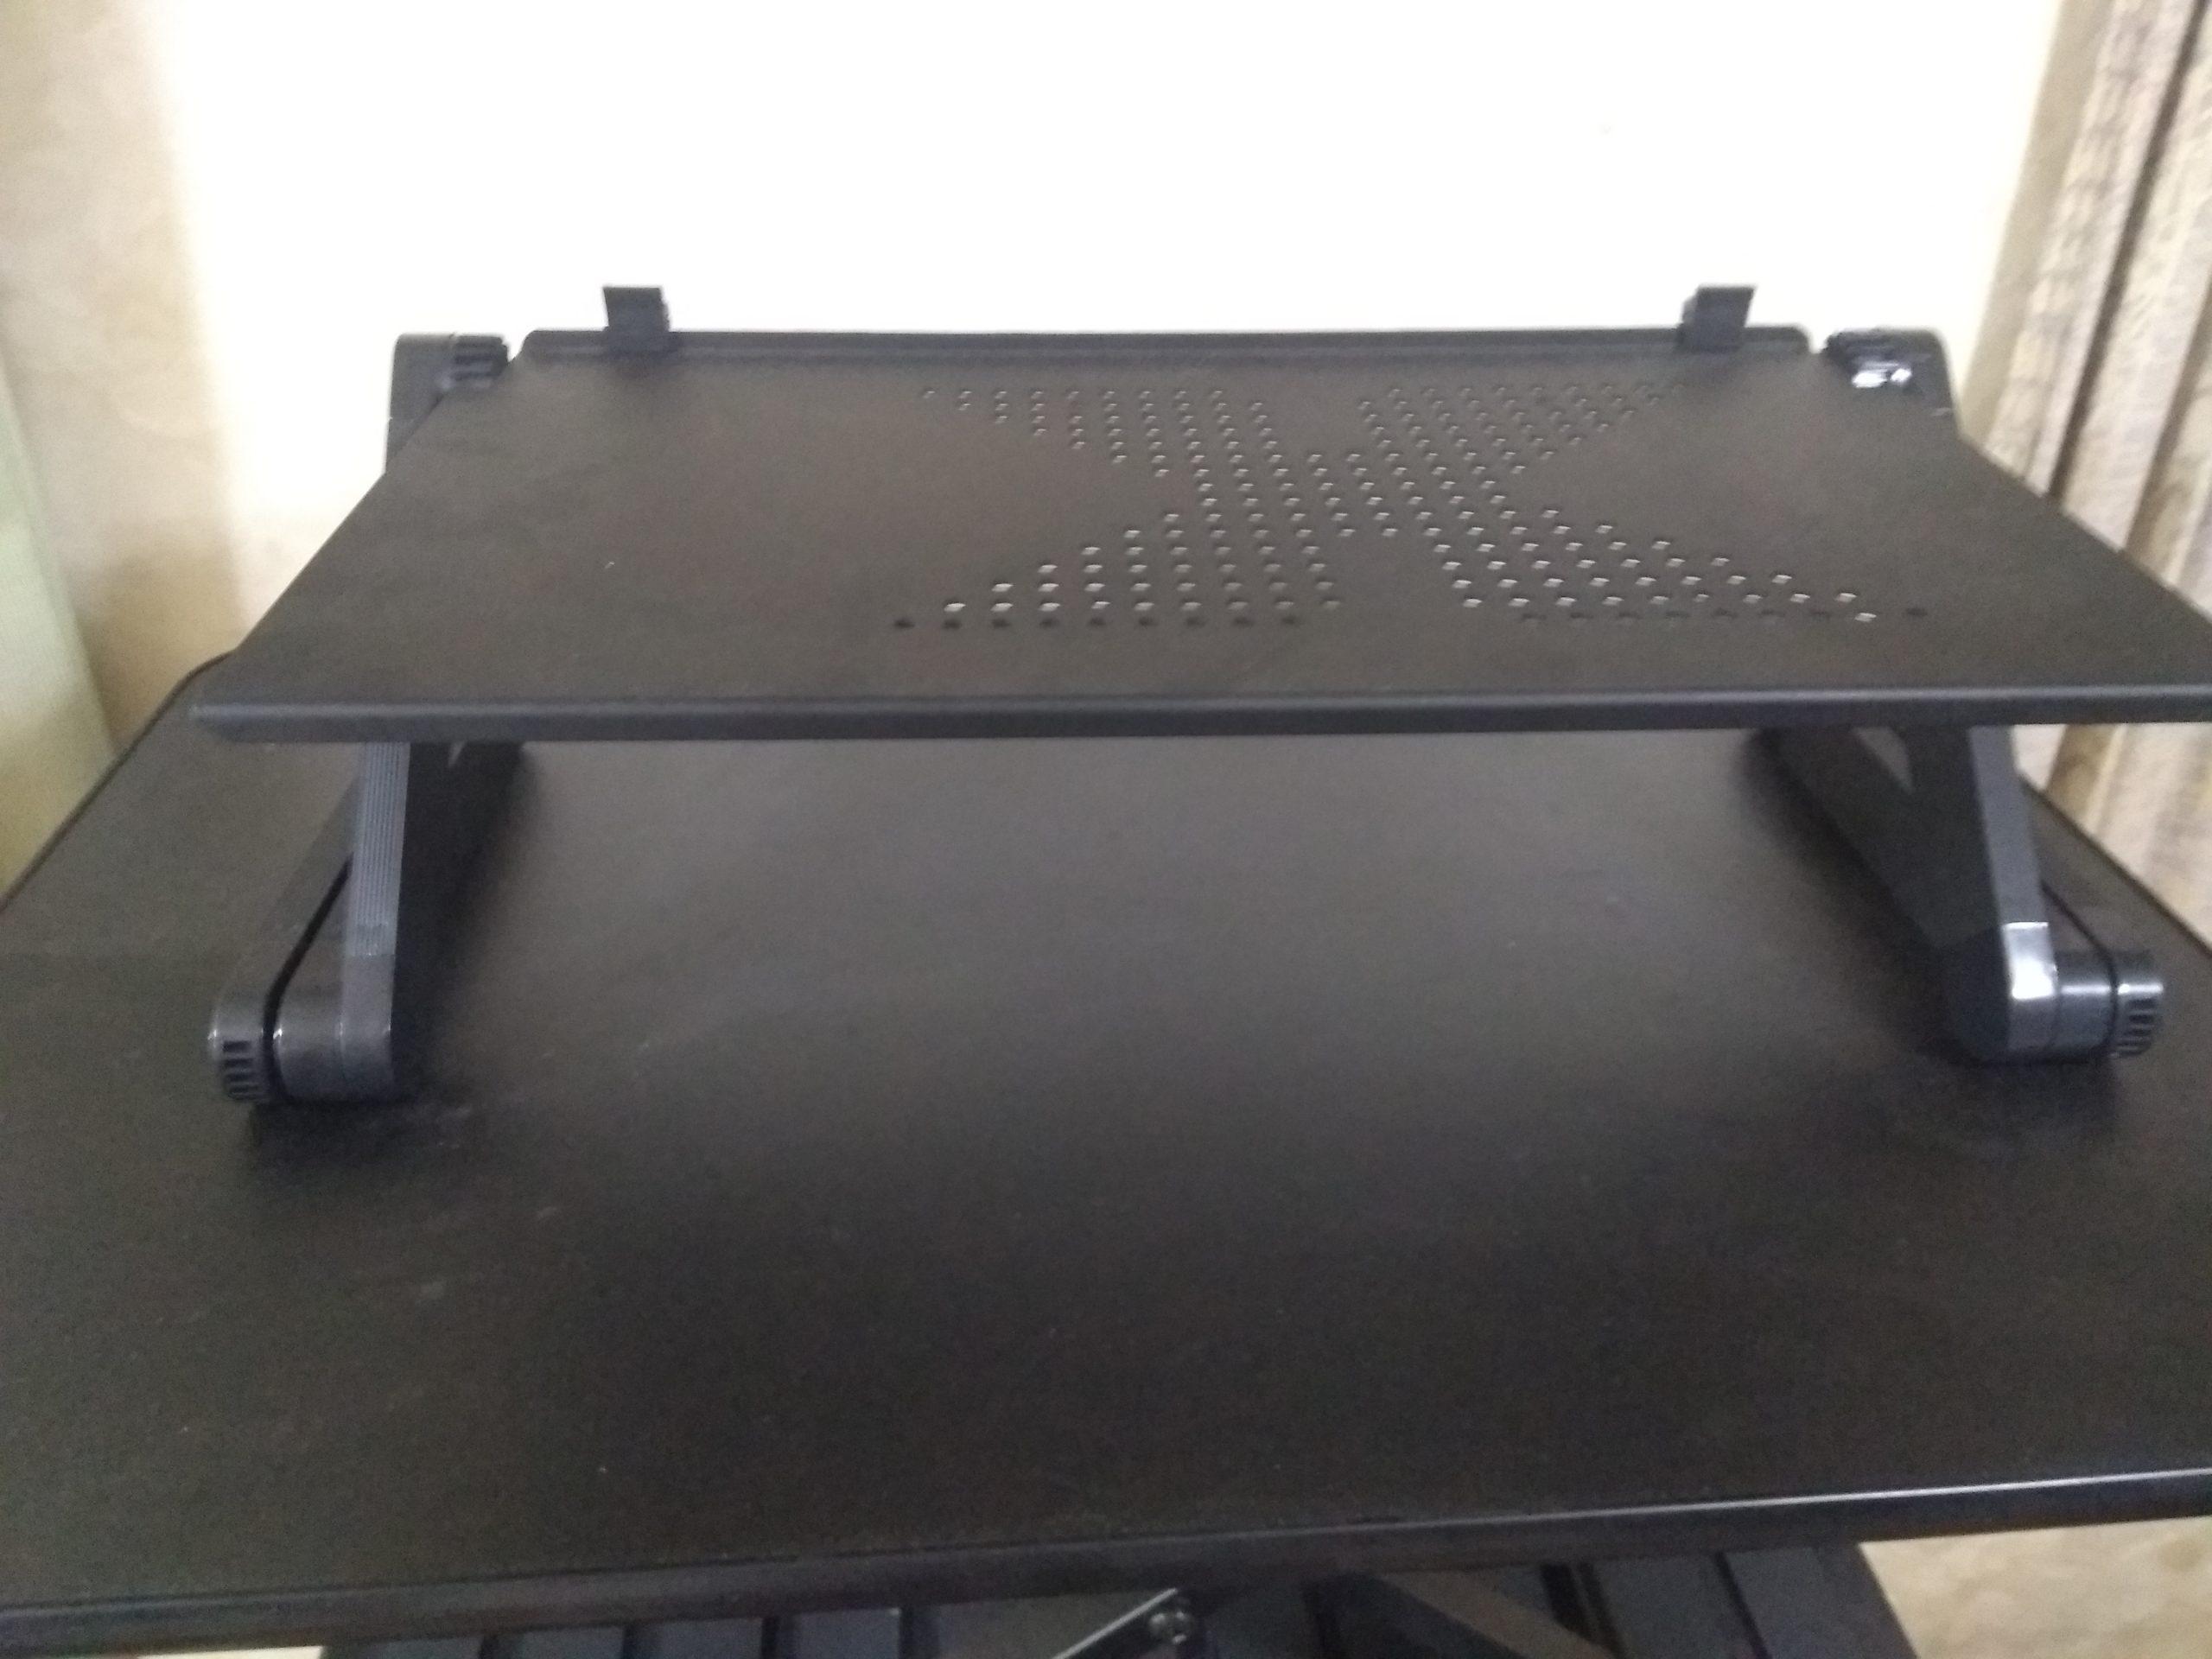 スタンディングデスクの上に、折り畳み式ノートパソコンデスク